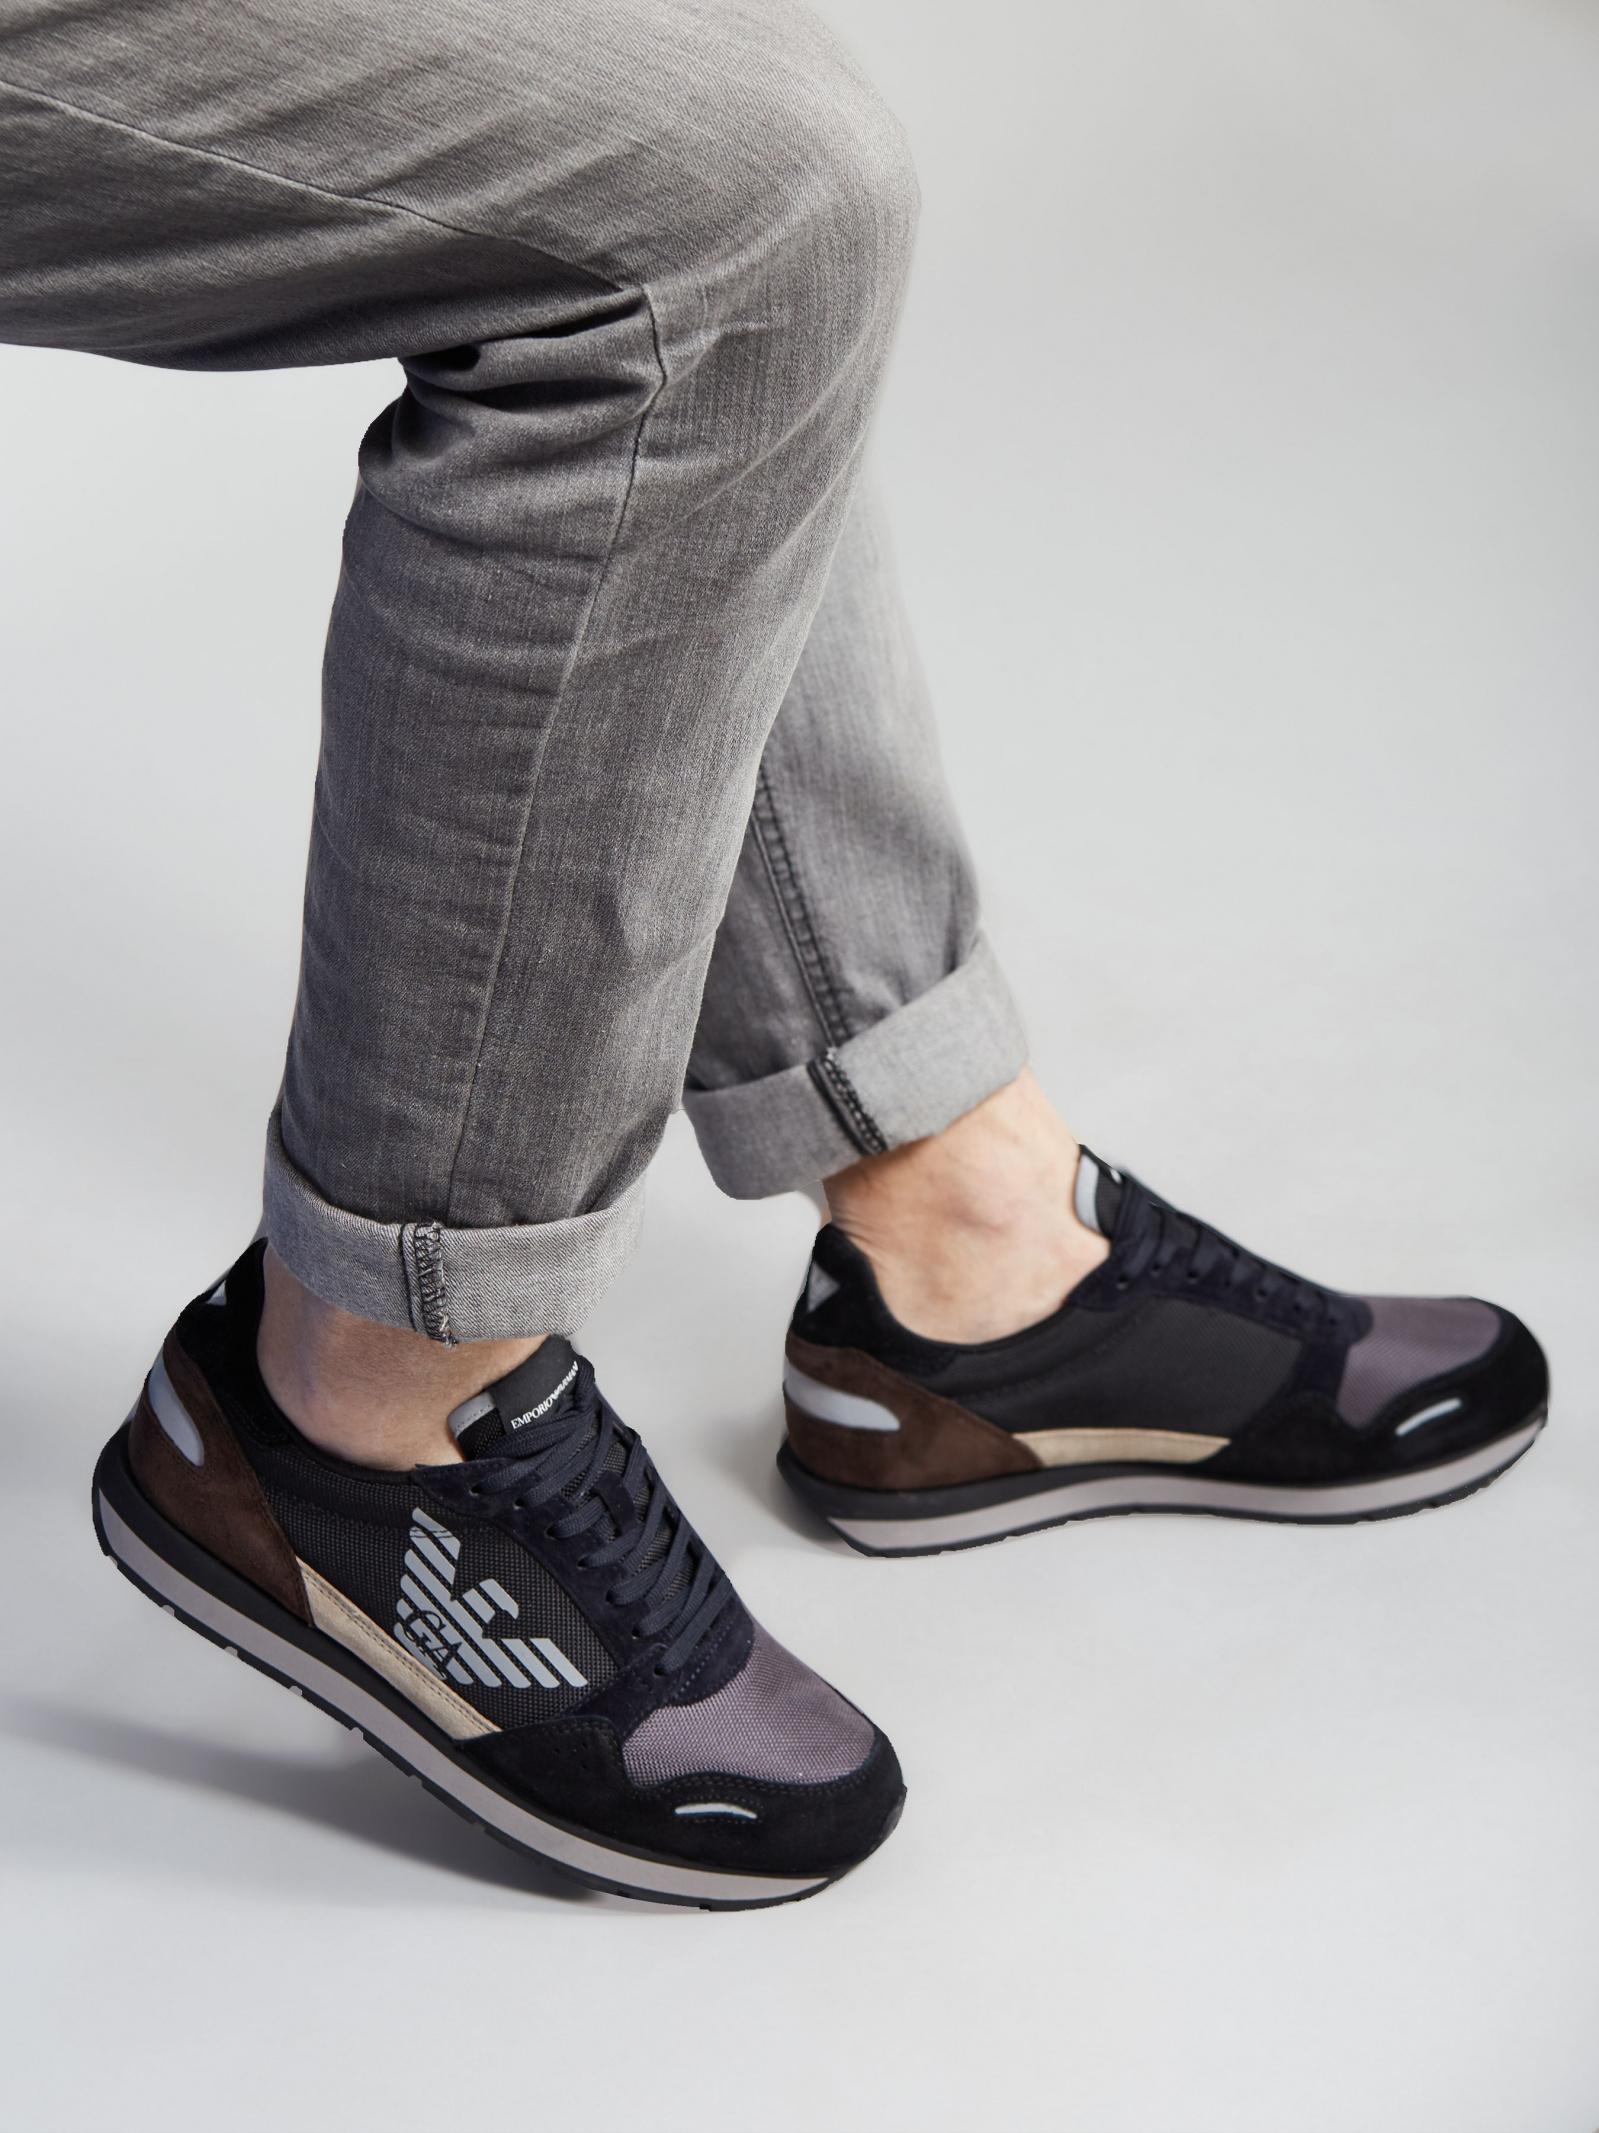 Кроссовки женские Emporio Armani 5Q129 купить обувь, 2017